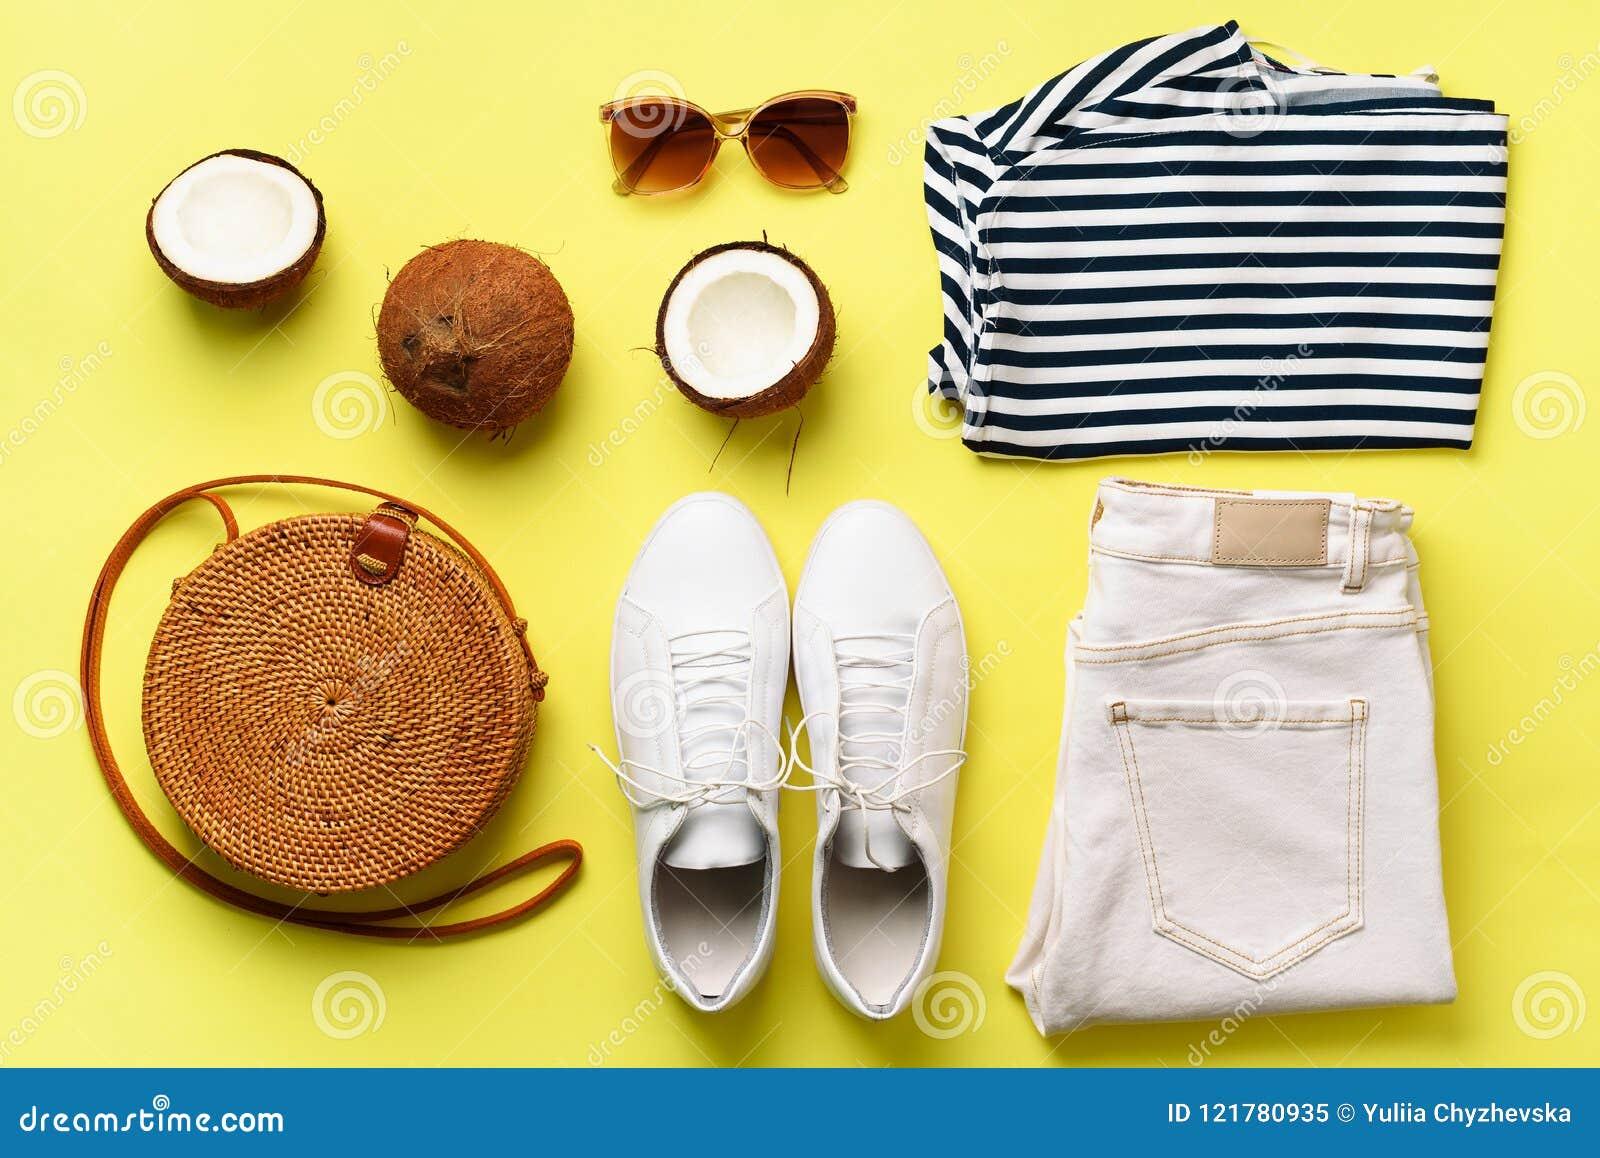 Sapatilhas brancas fêmeas, calças de brim, t-shirt listrado, saco do rattan, coco e óculos de sol no fundo amarelo com espaço da